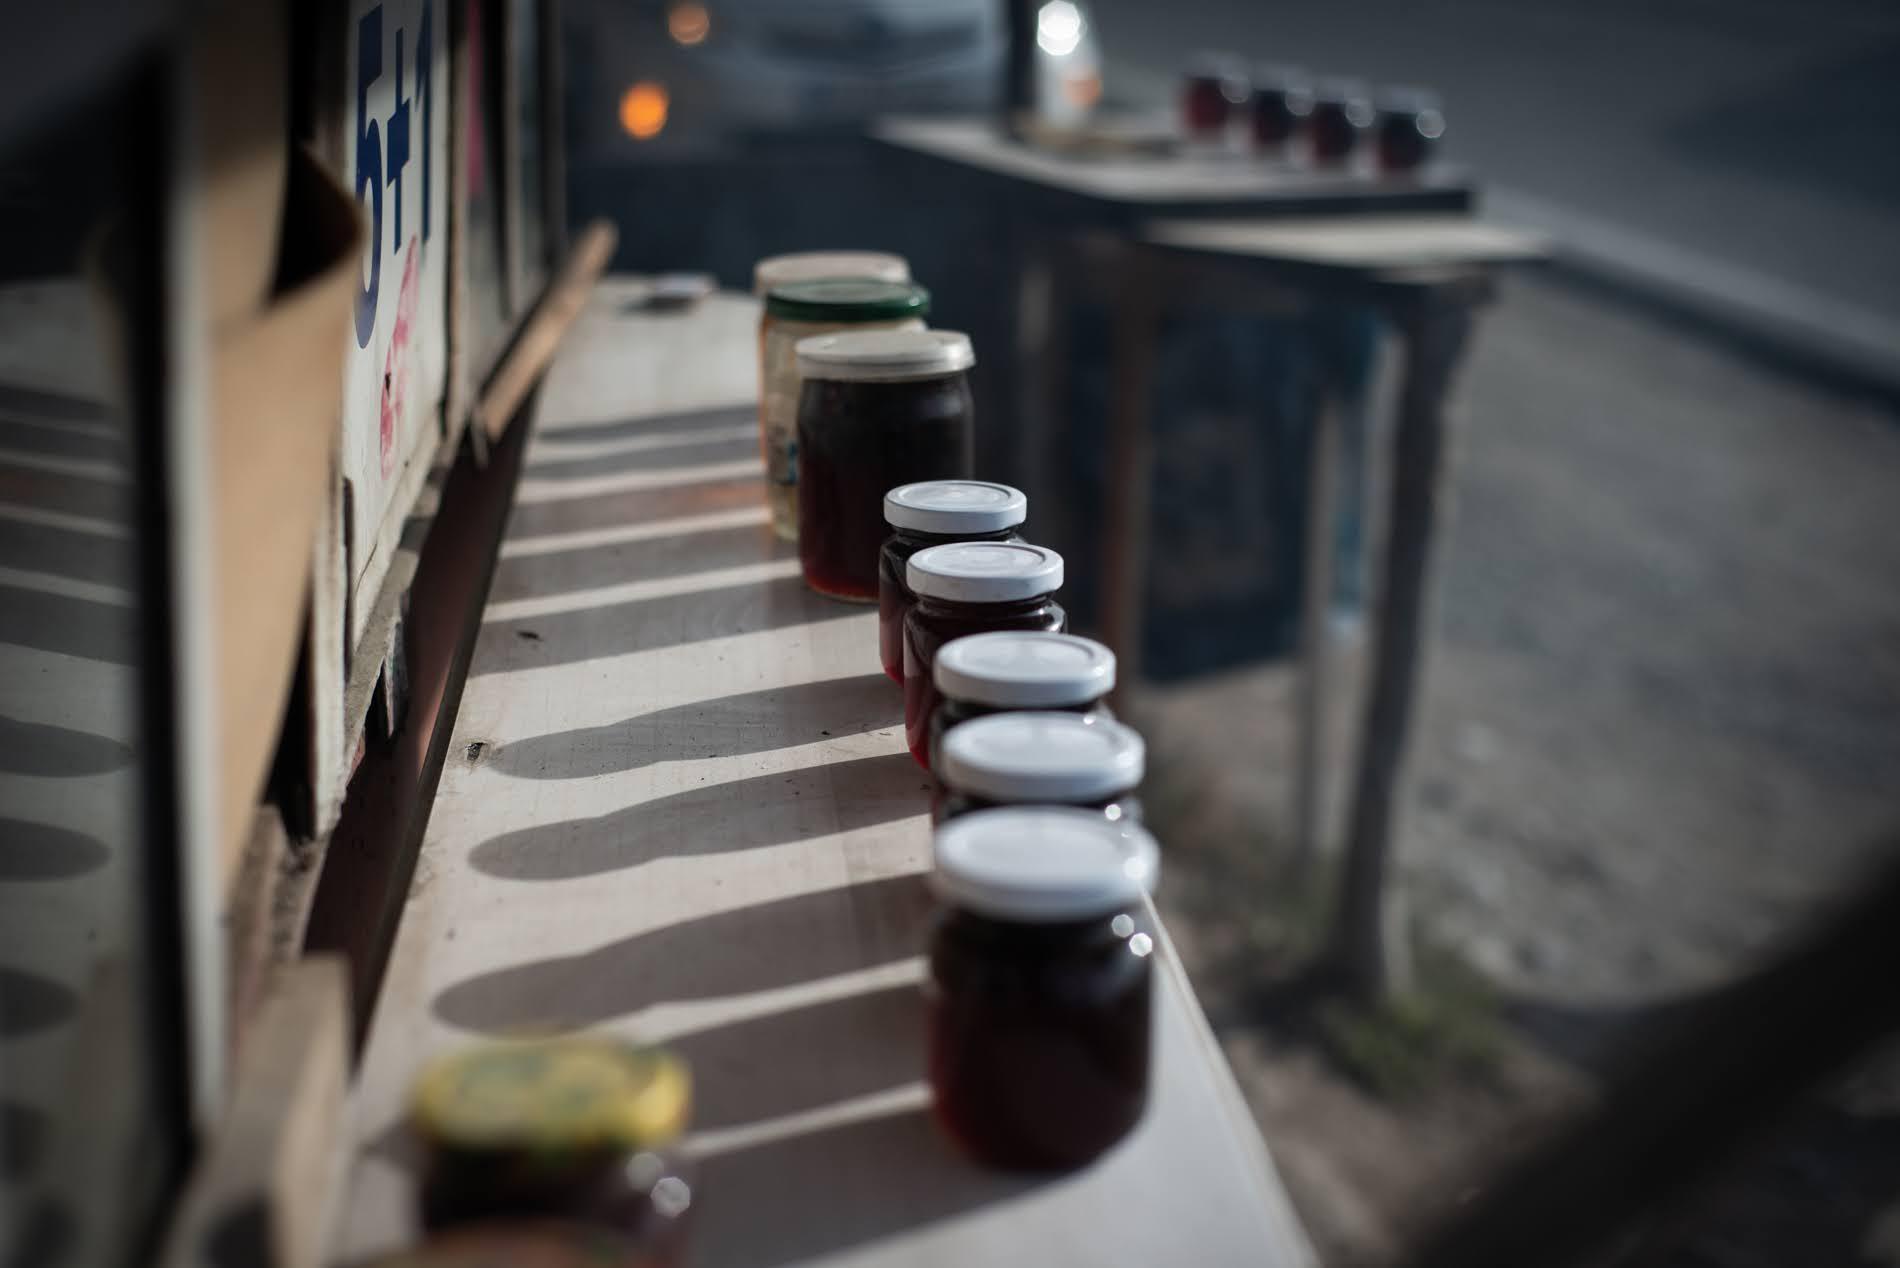 Insieme al nazuki, le donne di Surami vendono anche altre prelibatezze come la marmellata di pigne (Tamuna Chkareuli / OC Media)